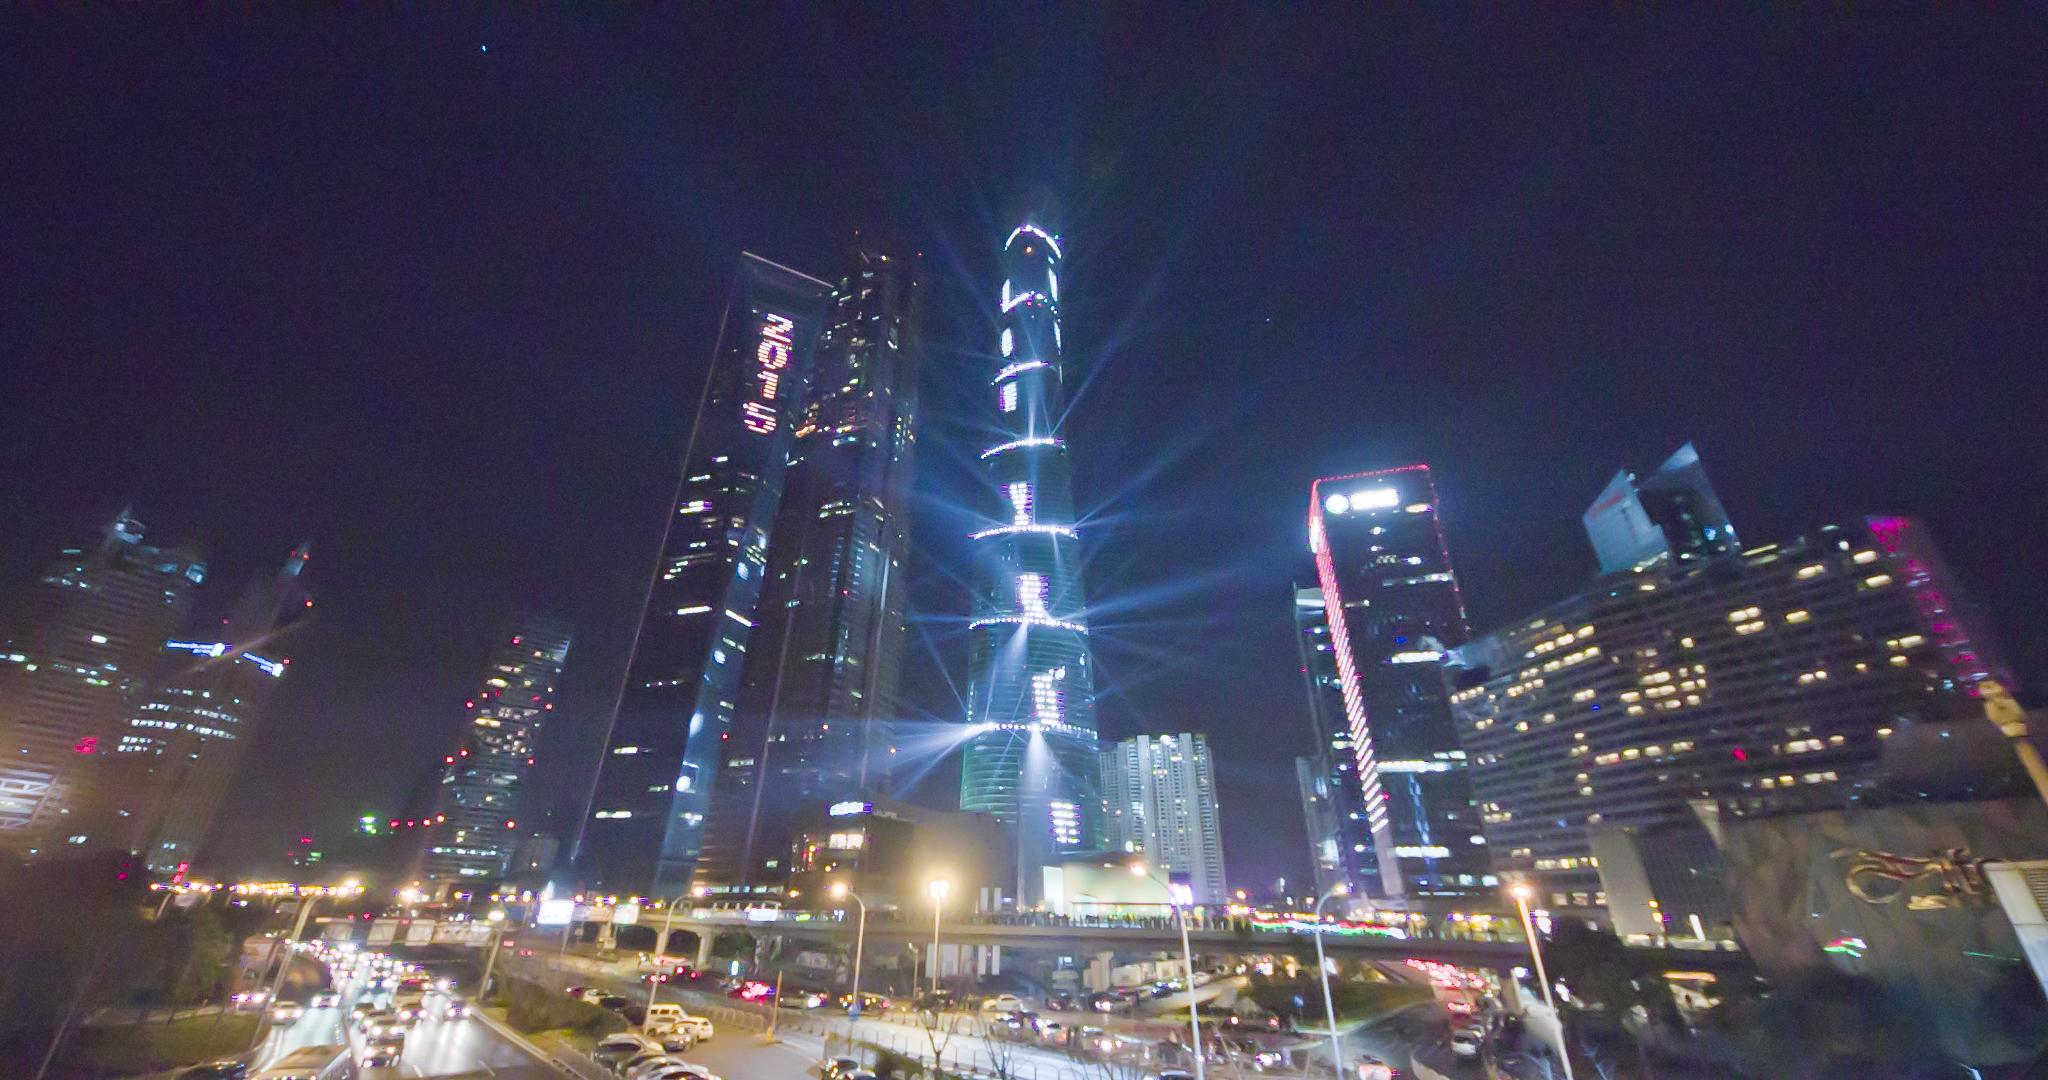 Shanghai Tower 011.jpg